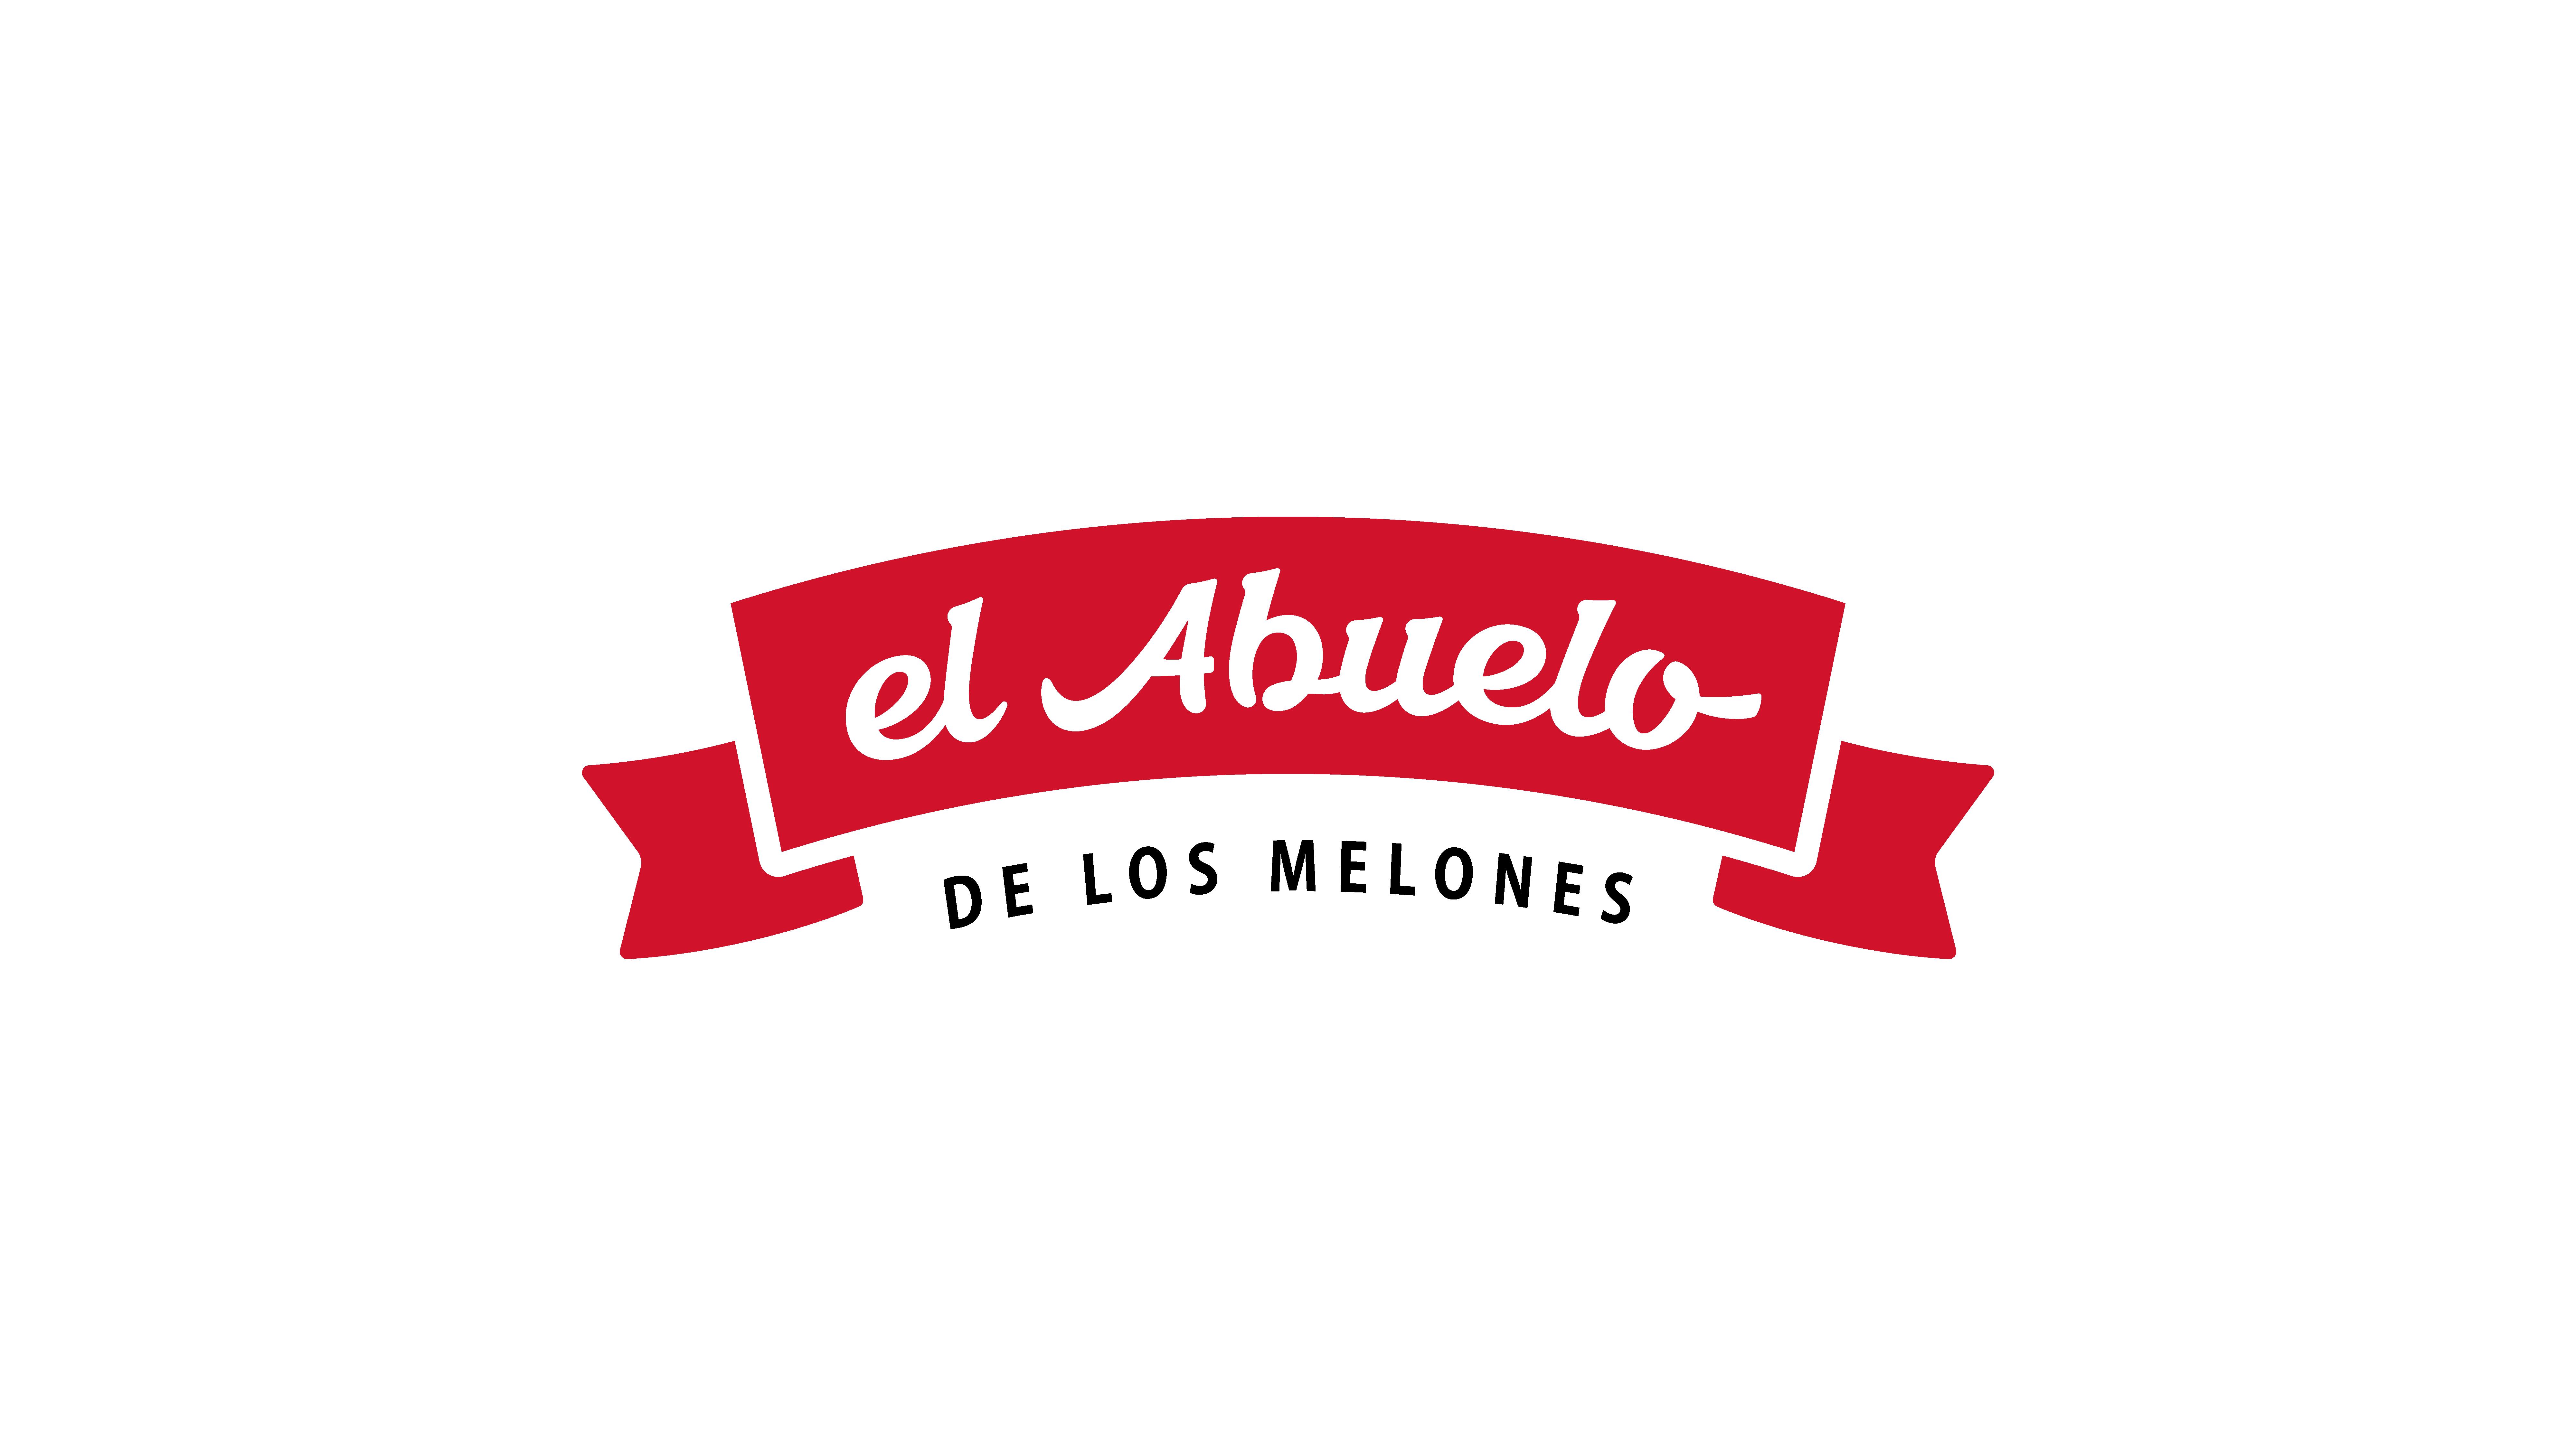 logo melones el abuelo